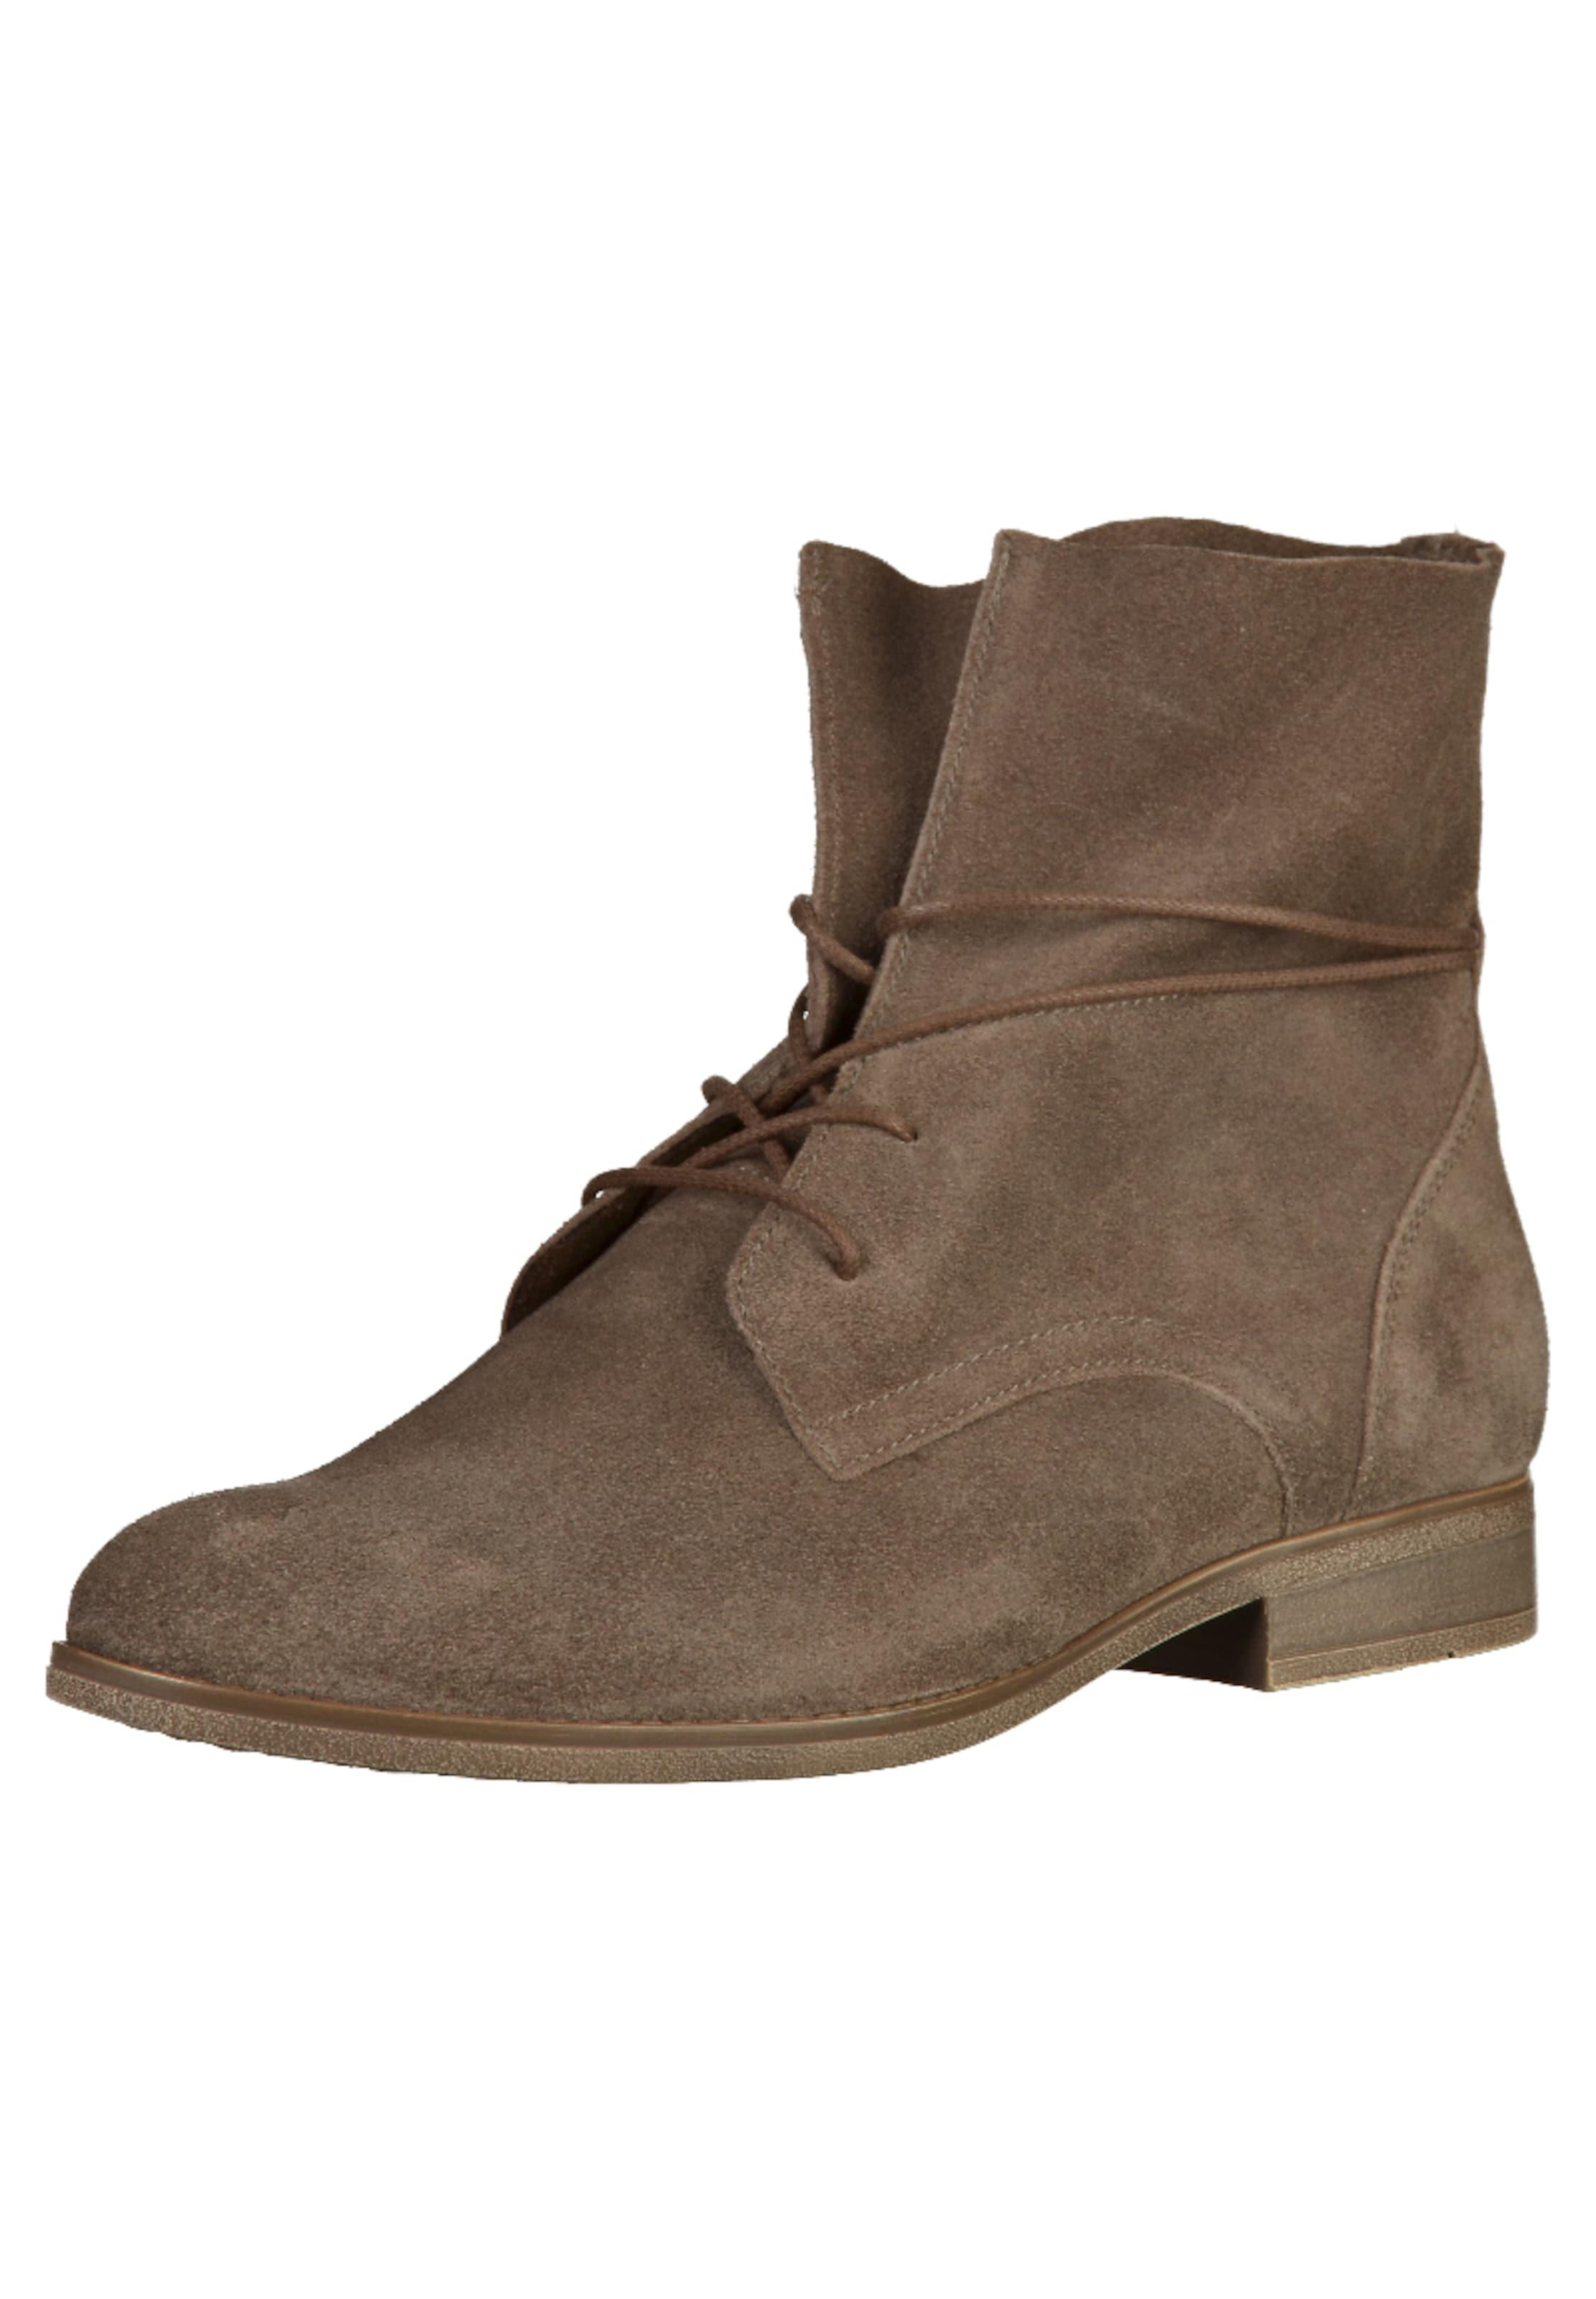 GABOR Stiefelette Qualität Verschleißfeste billige Schuhe Hohe Qualität Stiefelette 70e96c